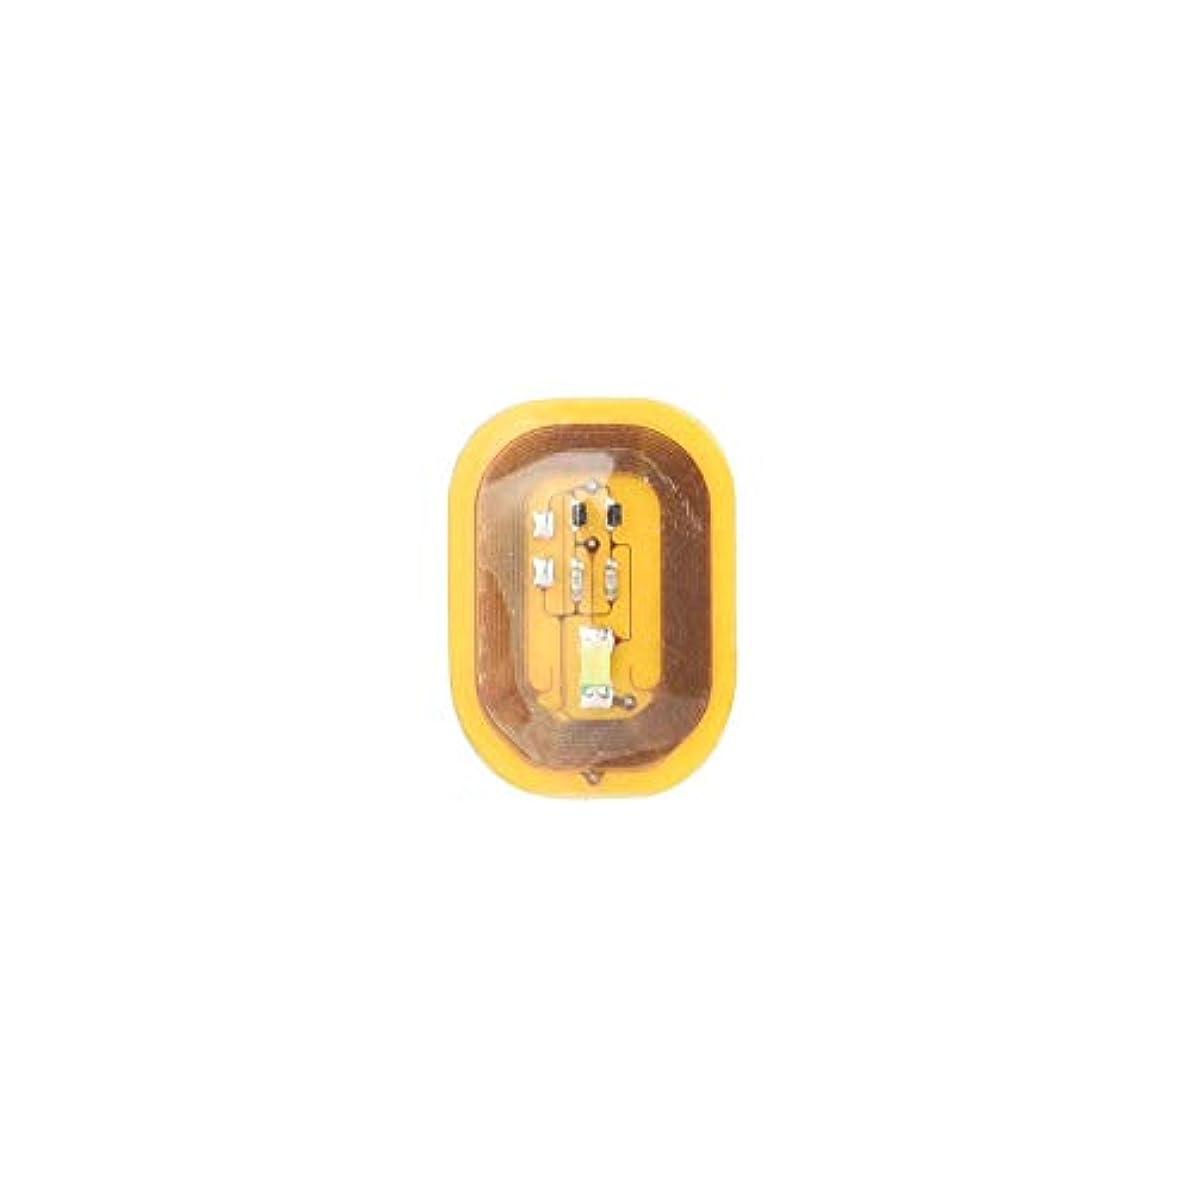 一元化する機構恐ろしいですOD企画 ネイルアートステッカー ネイルチップ ネイルシール ネイル飾り 可愛い キラキラ デカールマニキュア フルチップ ネイルアート ネイル用装飾 ネイル飾り マニキュア グリーン 3D コスプレ ロマンチックな DIY...